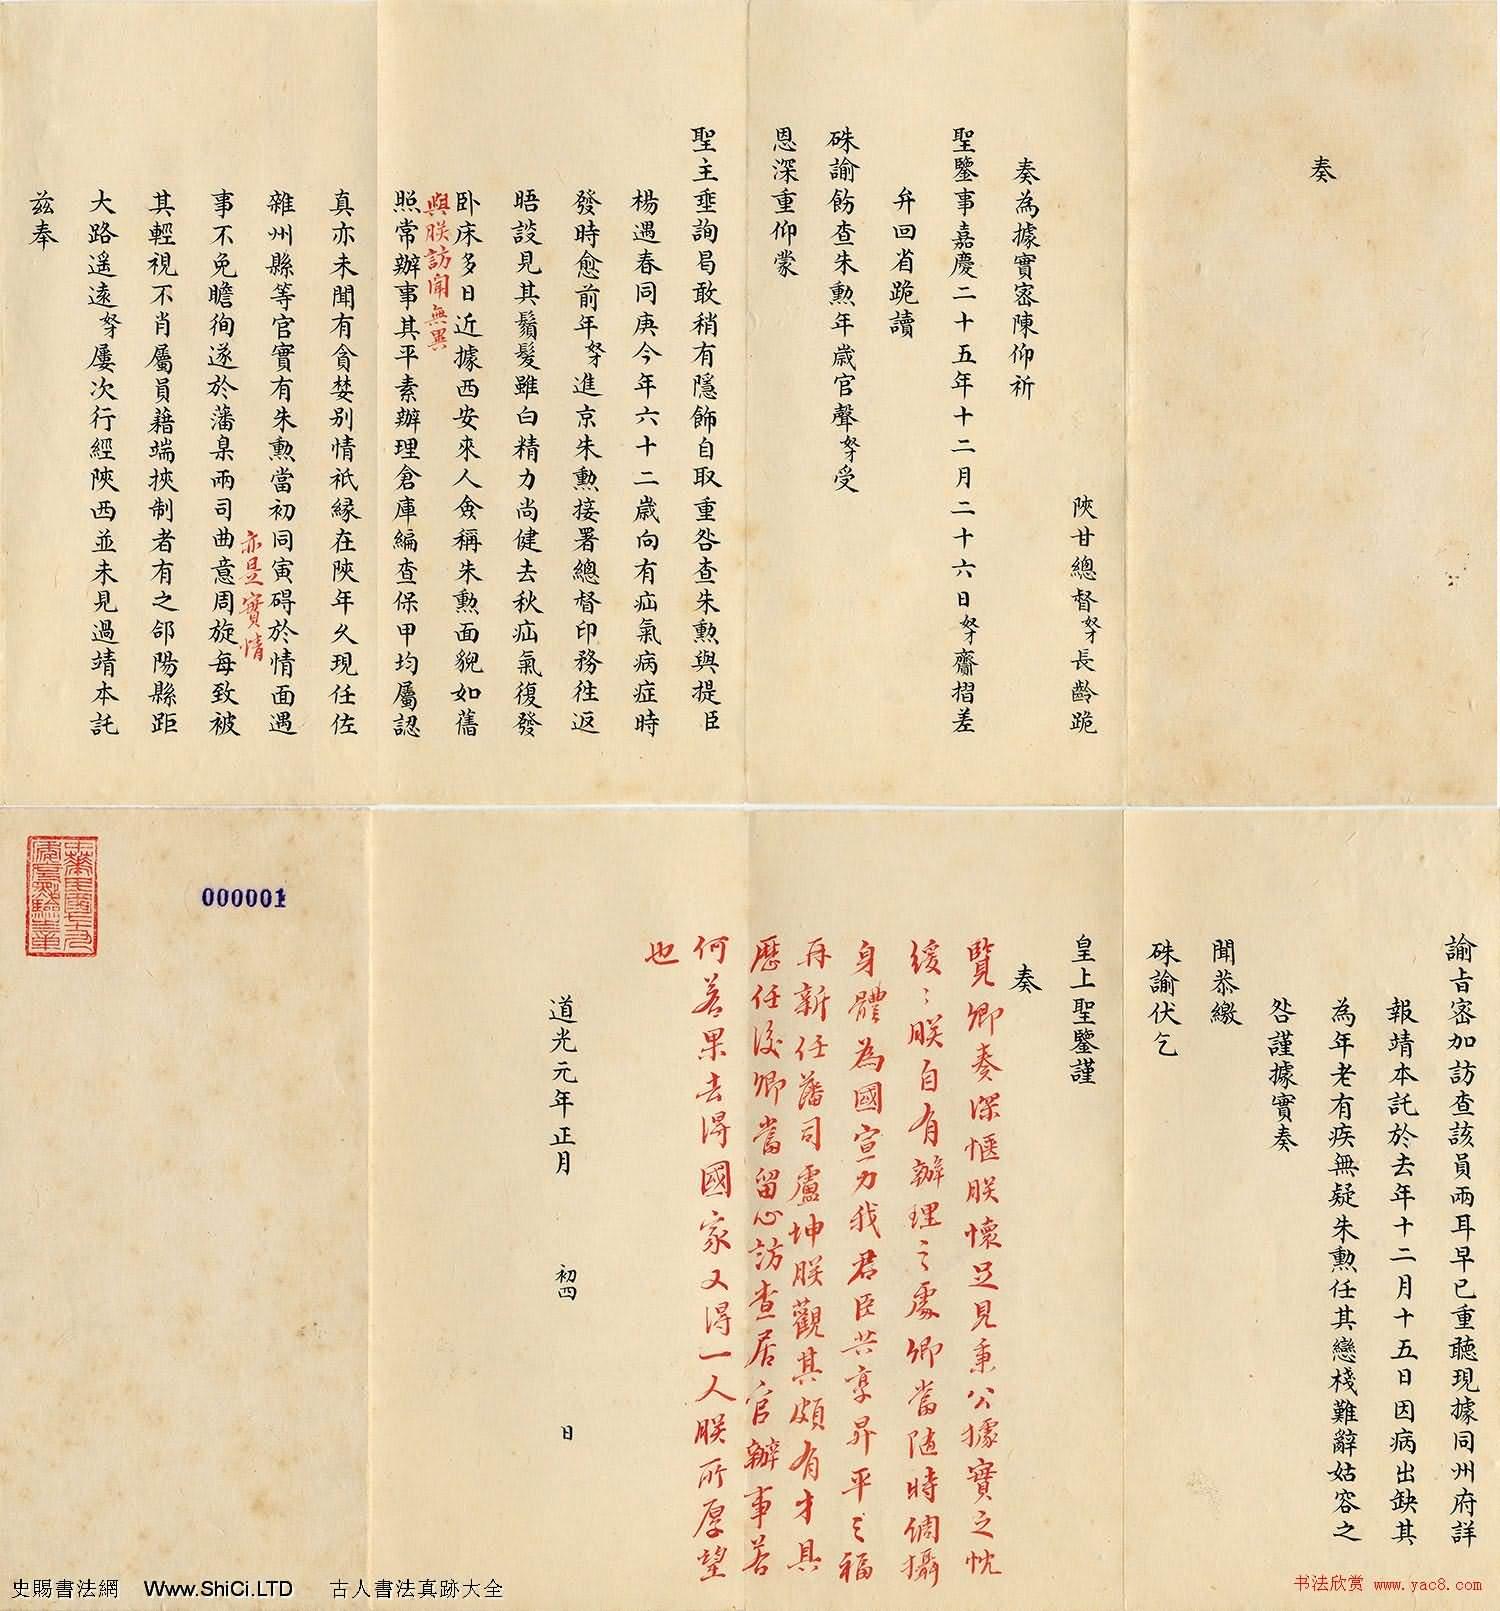 道光皇帝行書朱批《陝甘總督長齡奏折》(共9張圖片)